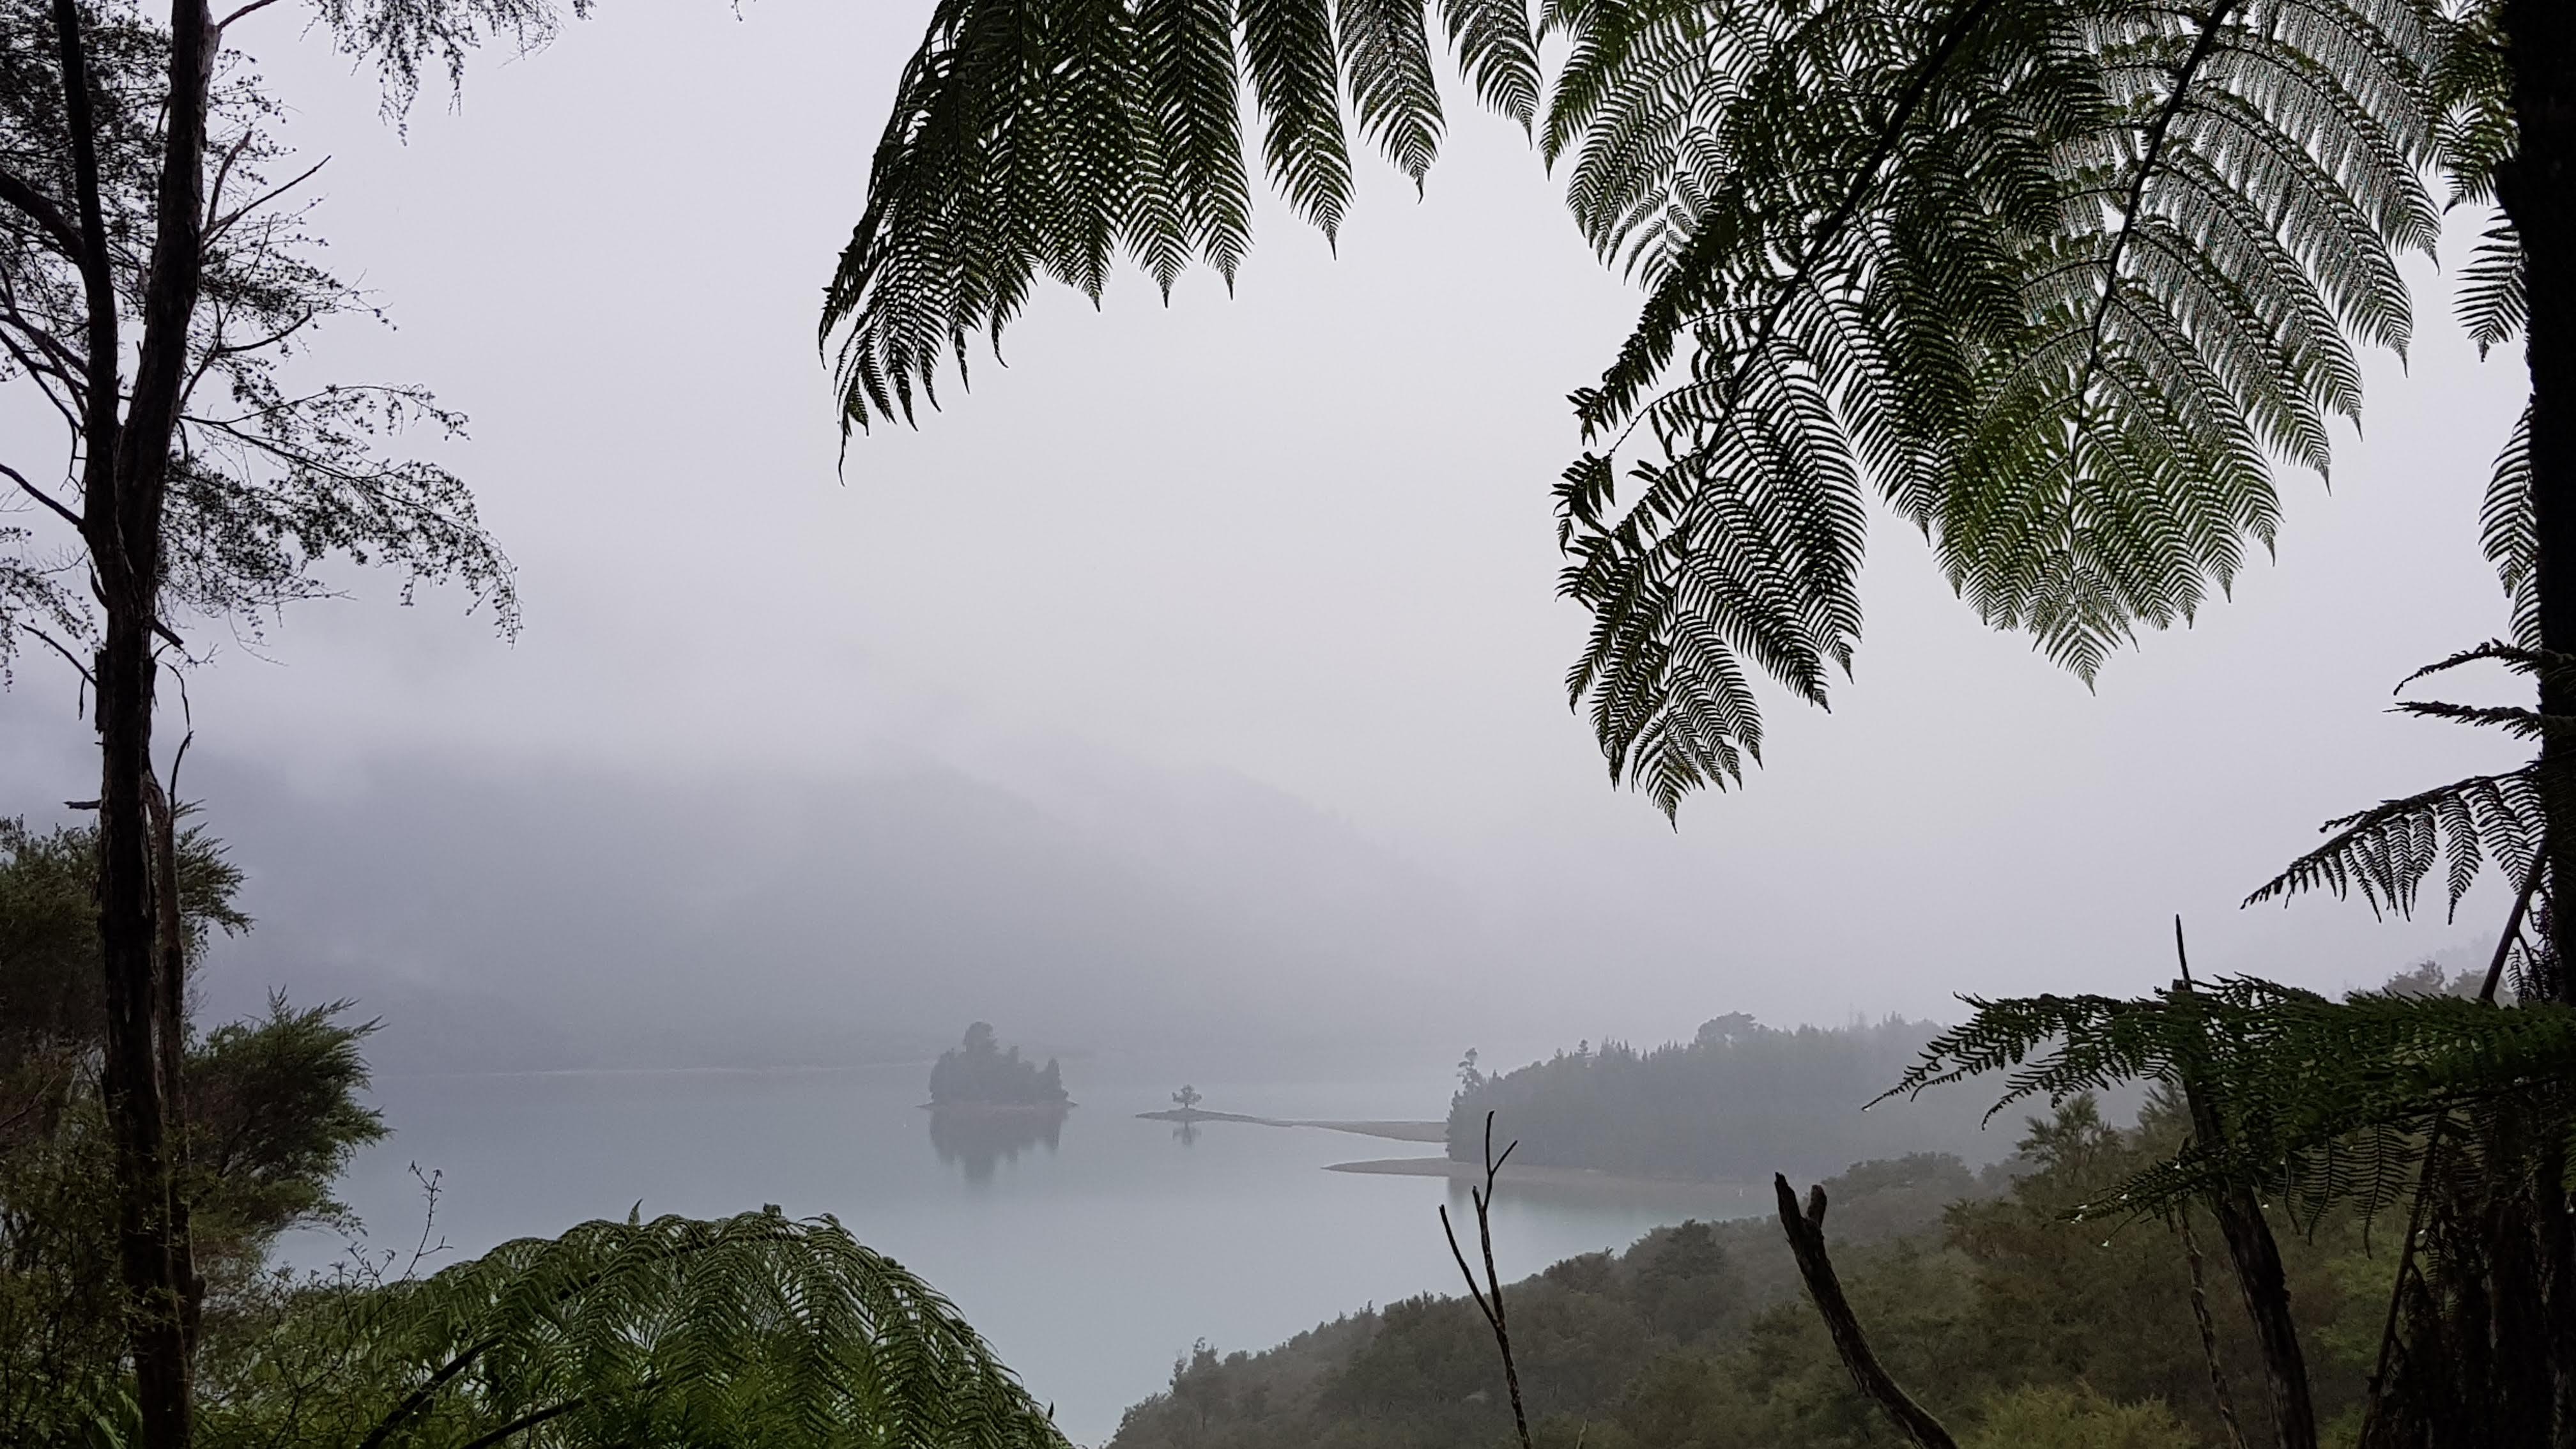 Views of Nydia Bay